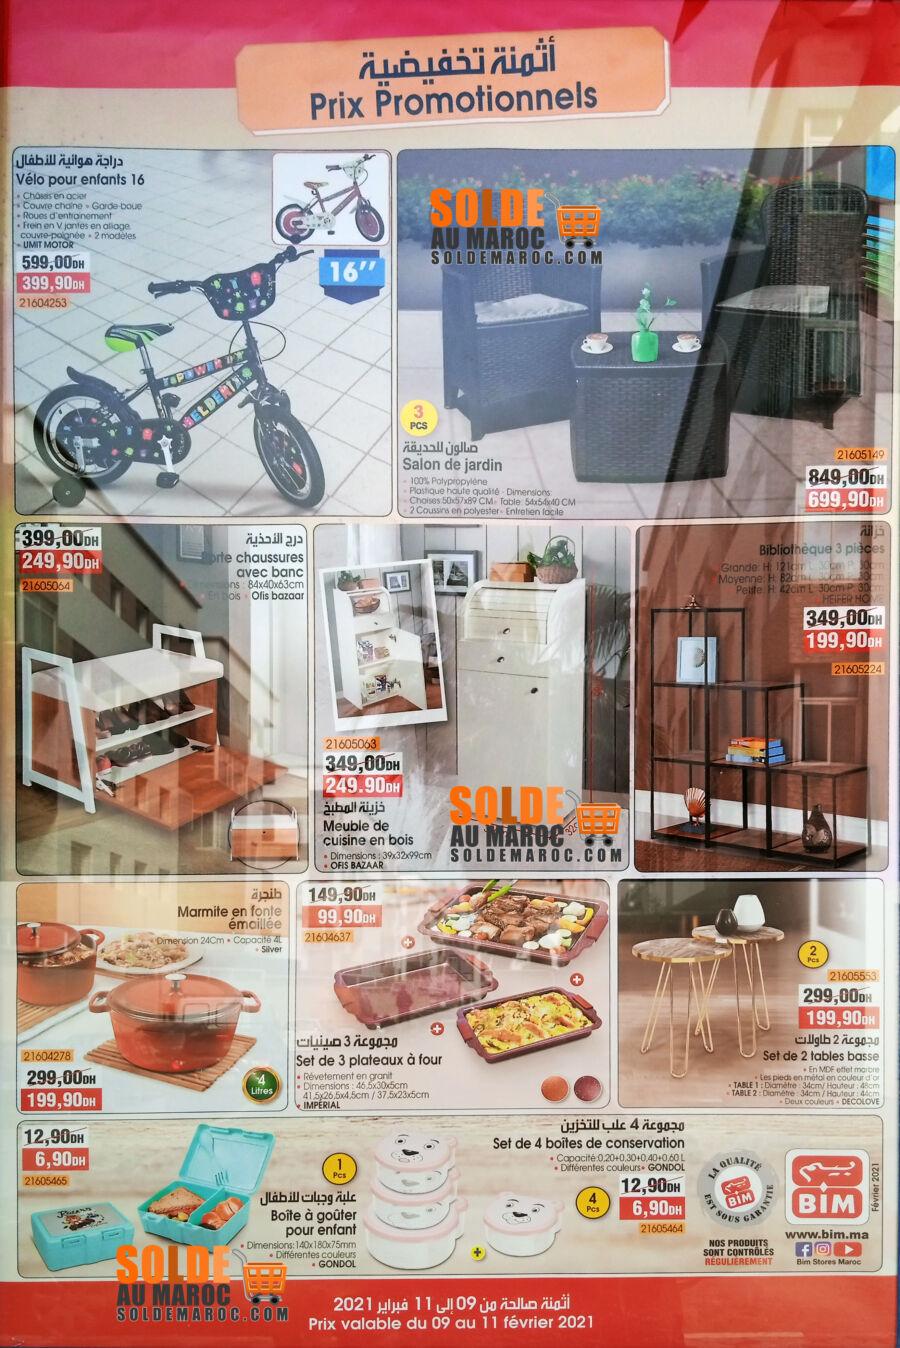 Catalogue Bim Nouveau Magasin Res Albadr Casa du 9 au 11 Février 2021